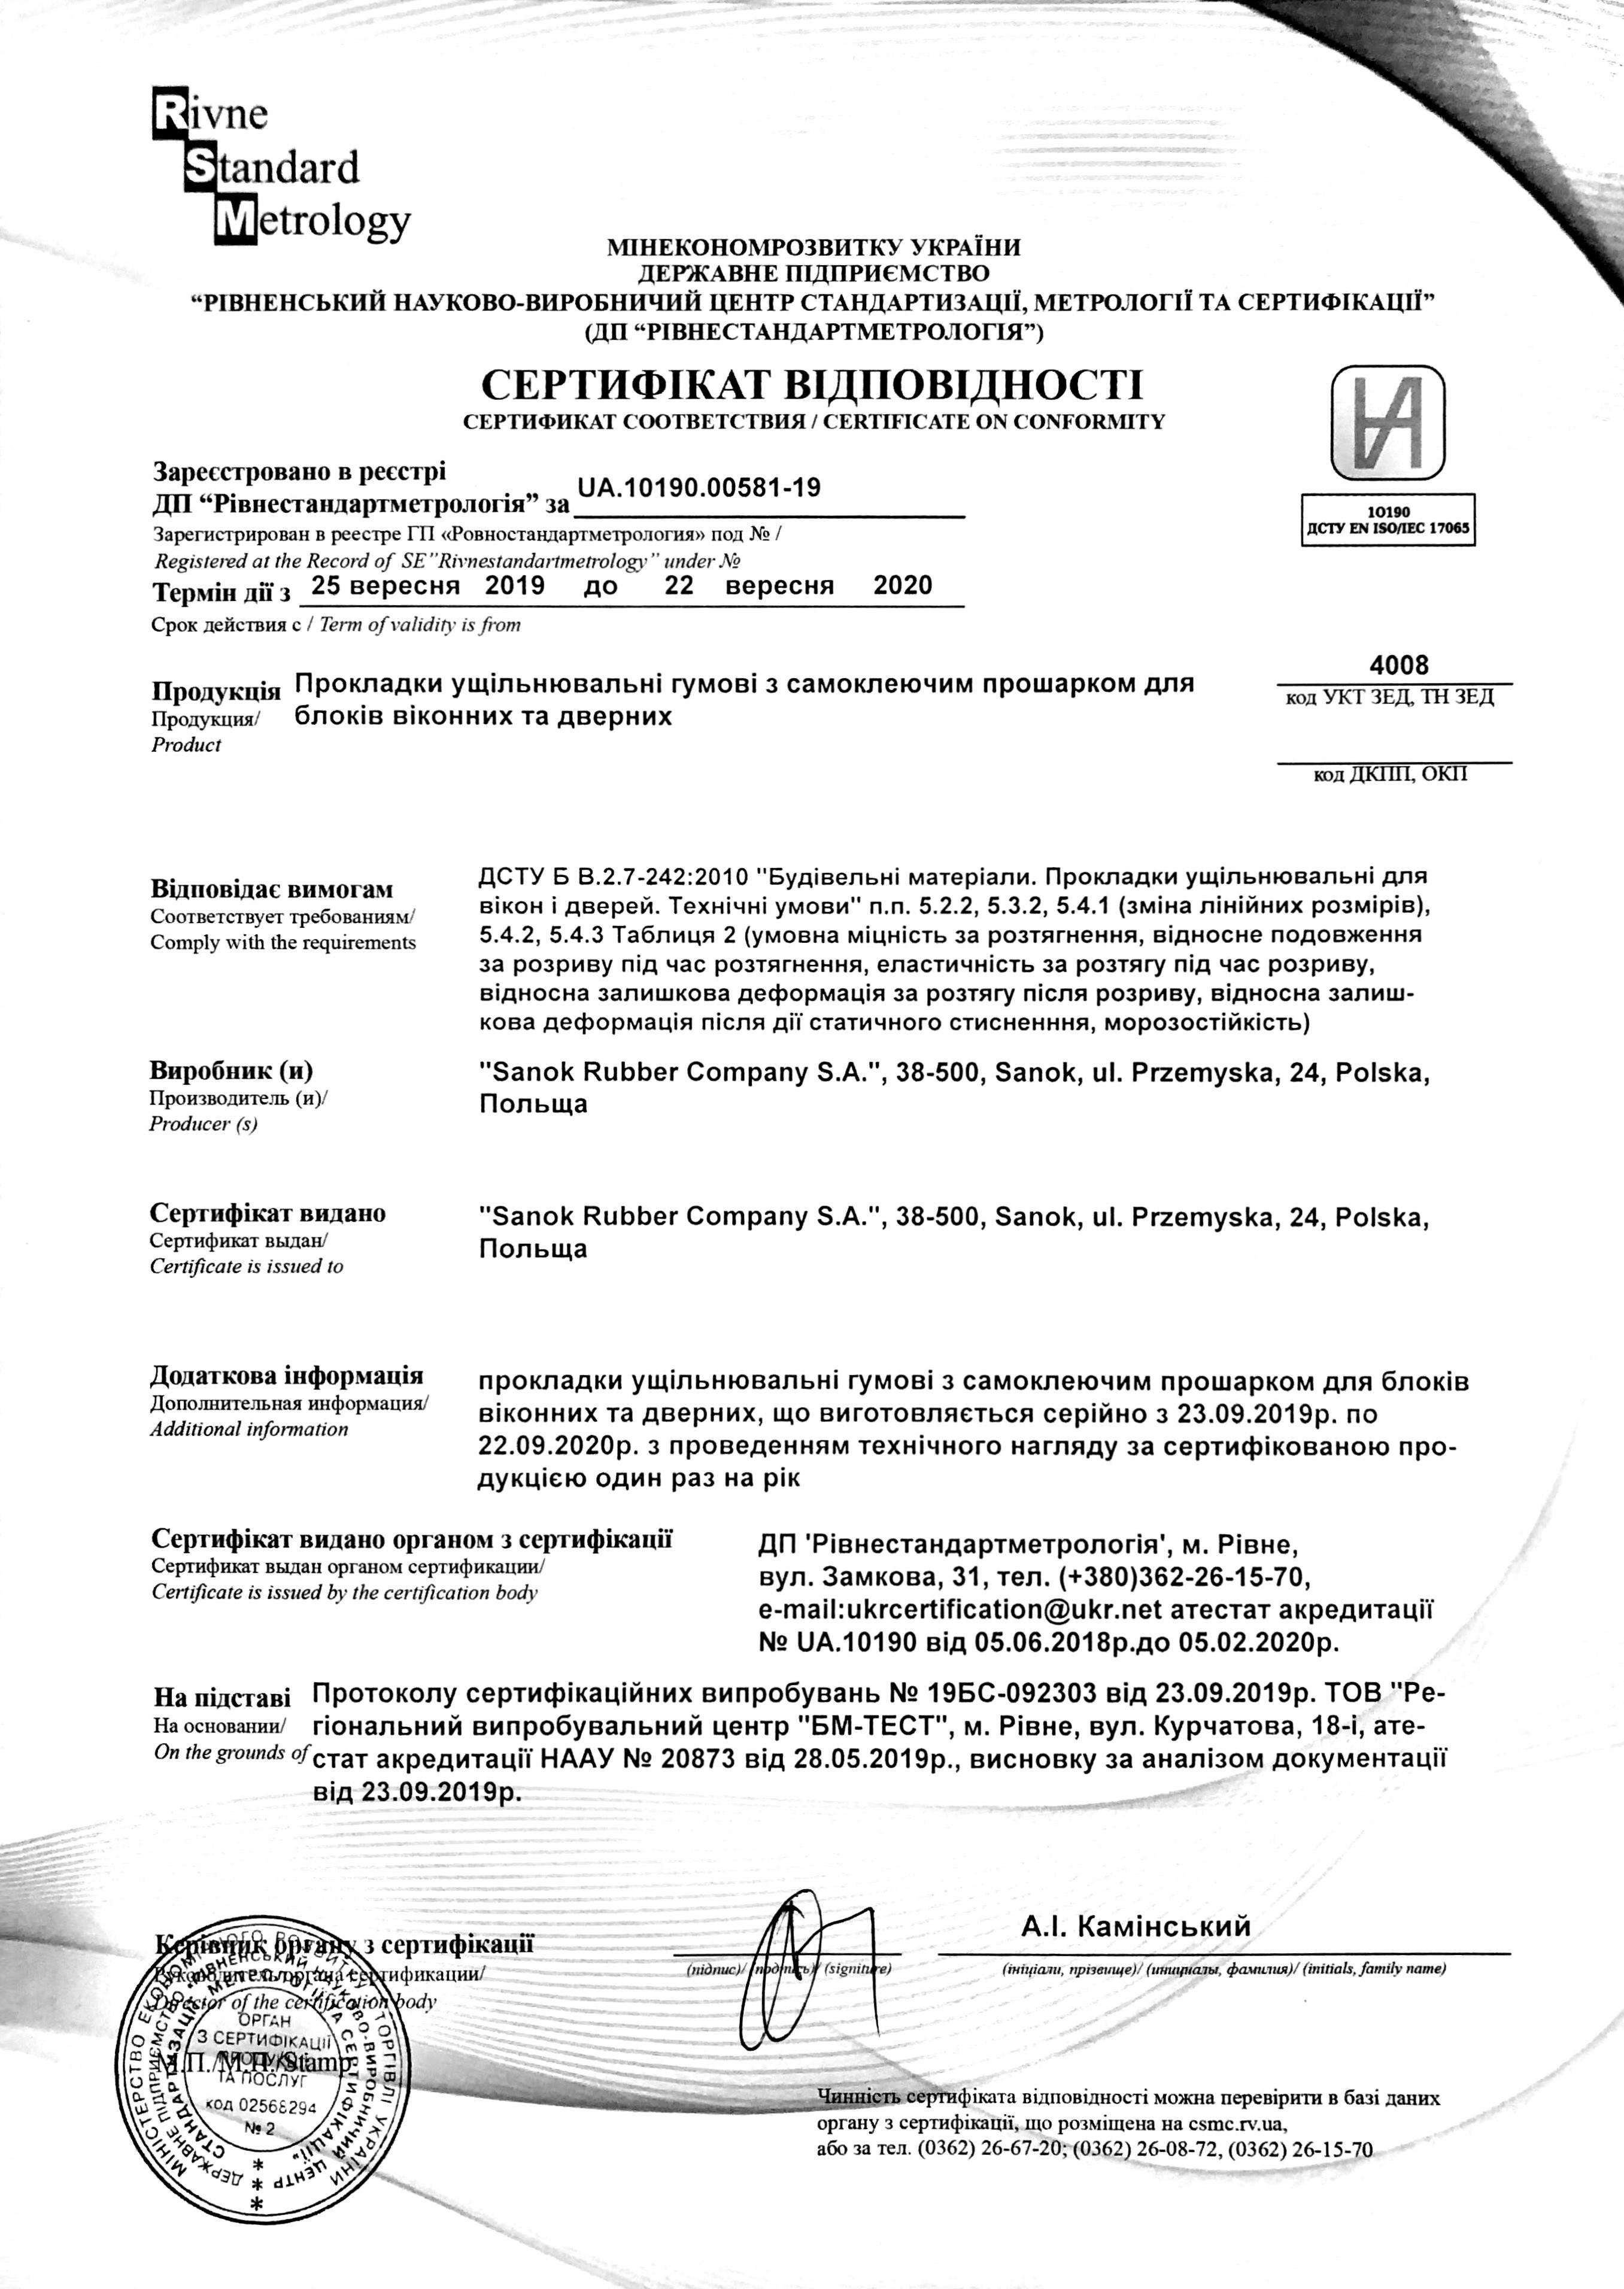 Стоміль Санок Україна - гумово-технічні вироби